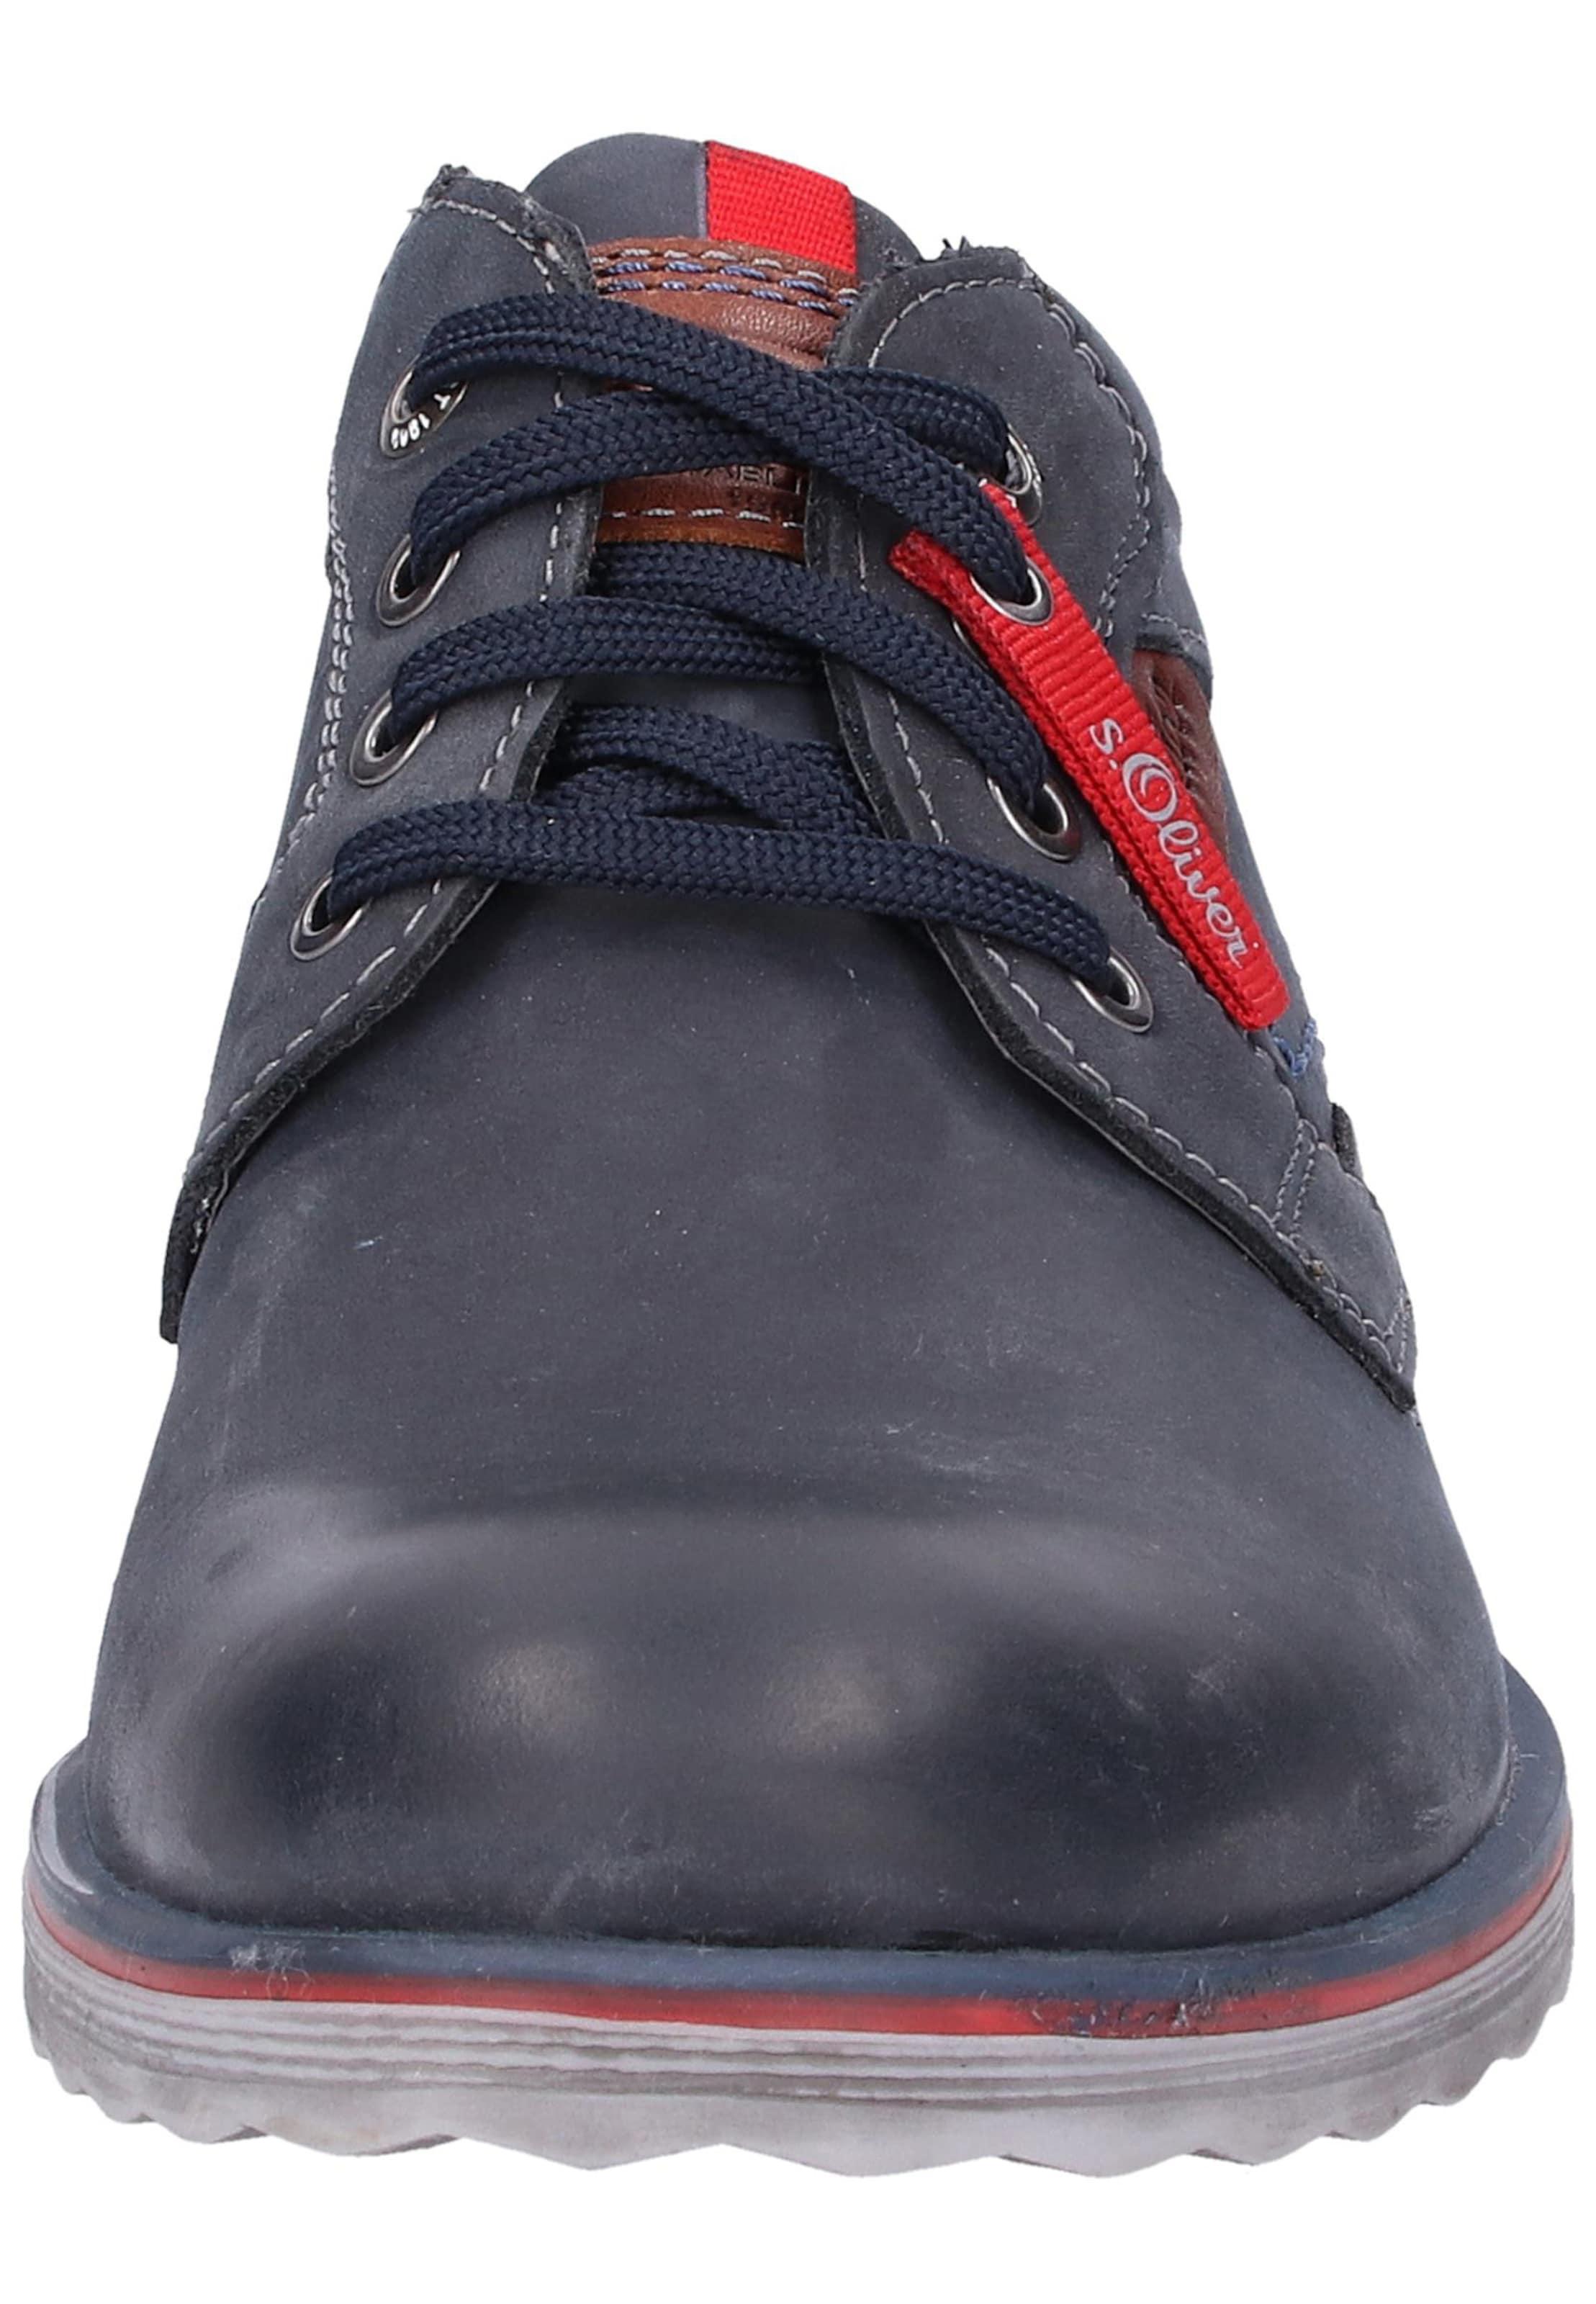 S oliver De Red Chaussure Bleu MarineRouille Label À En Lacets Sport WEIH92D